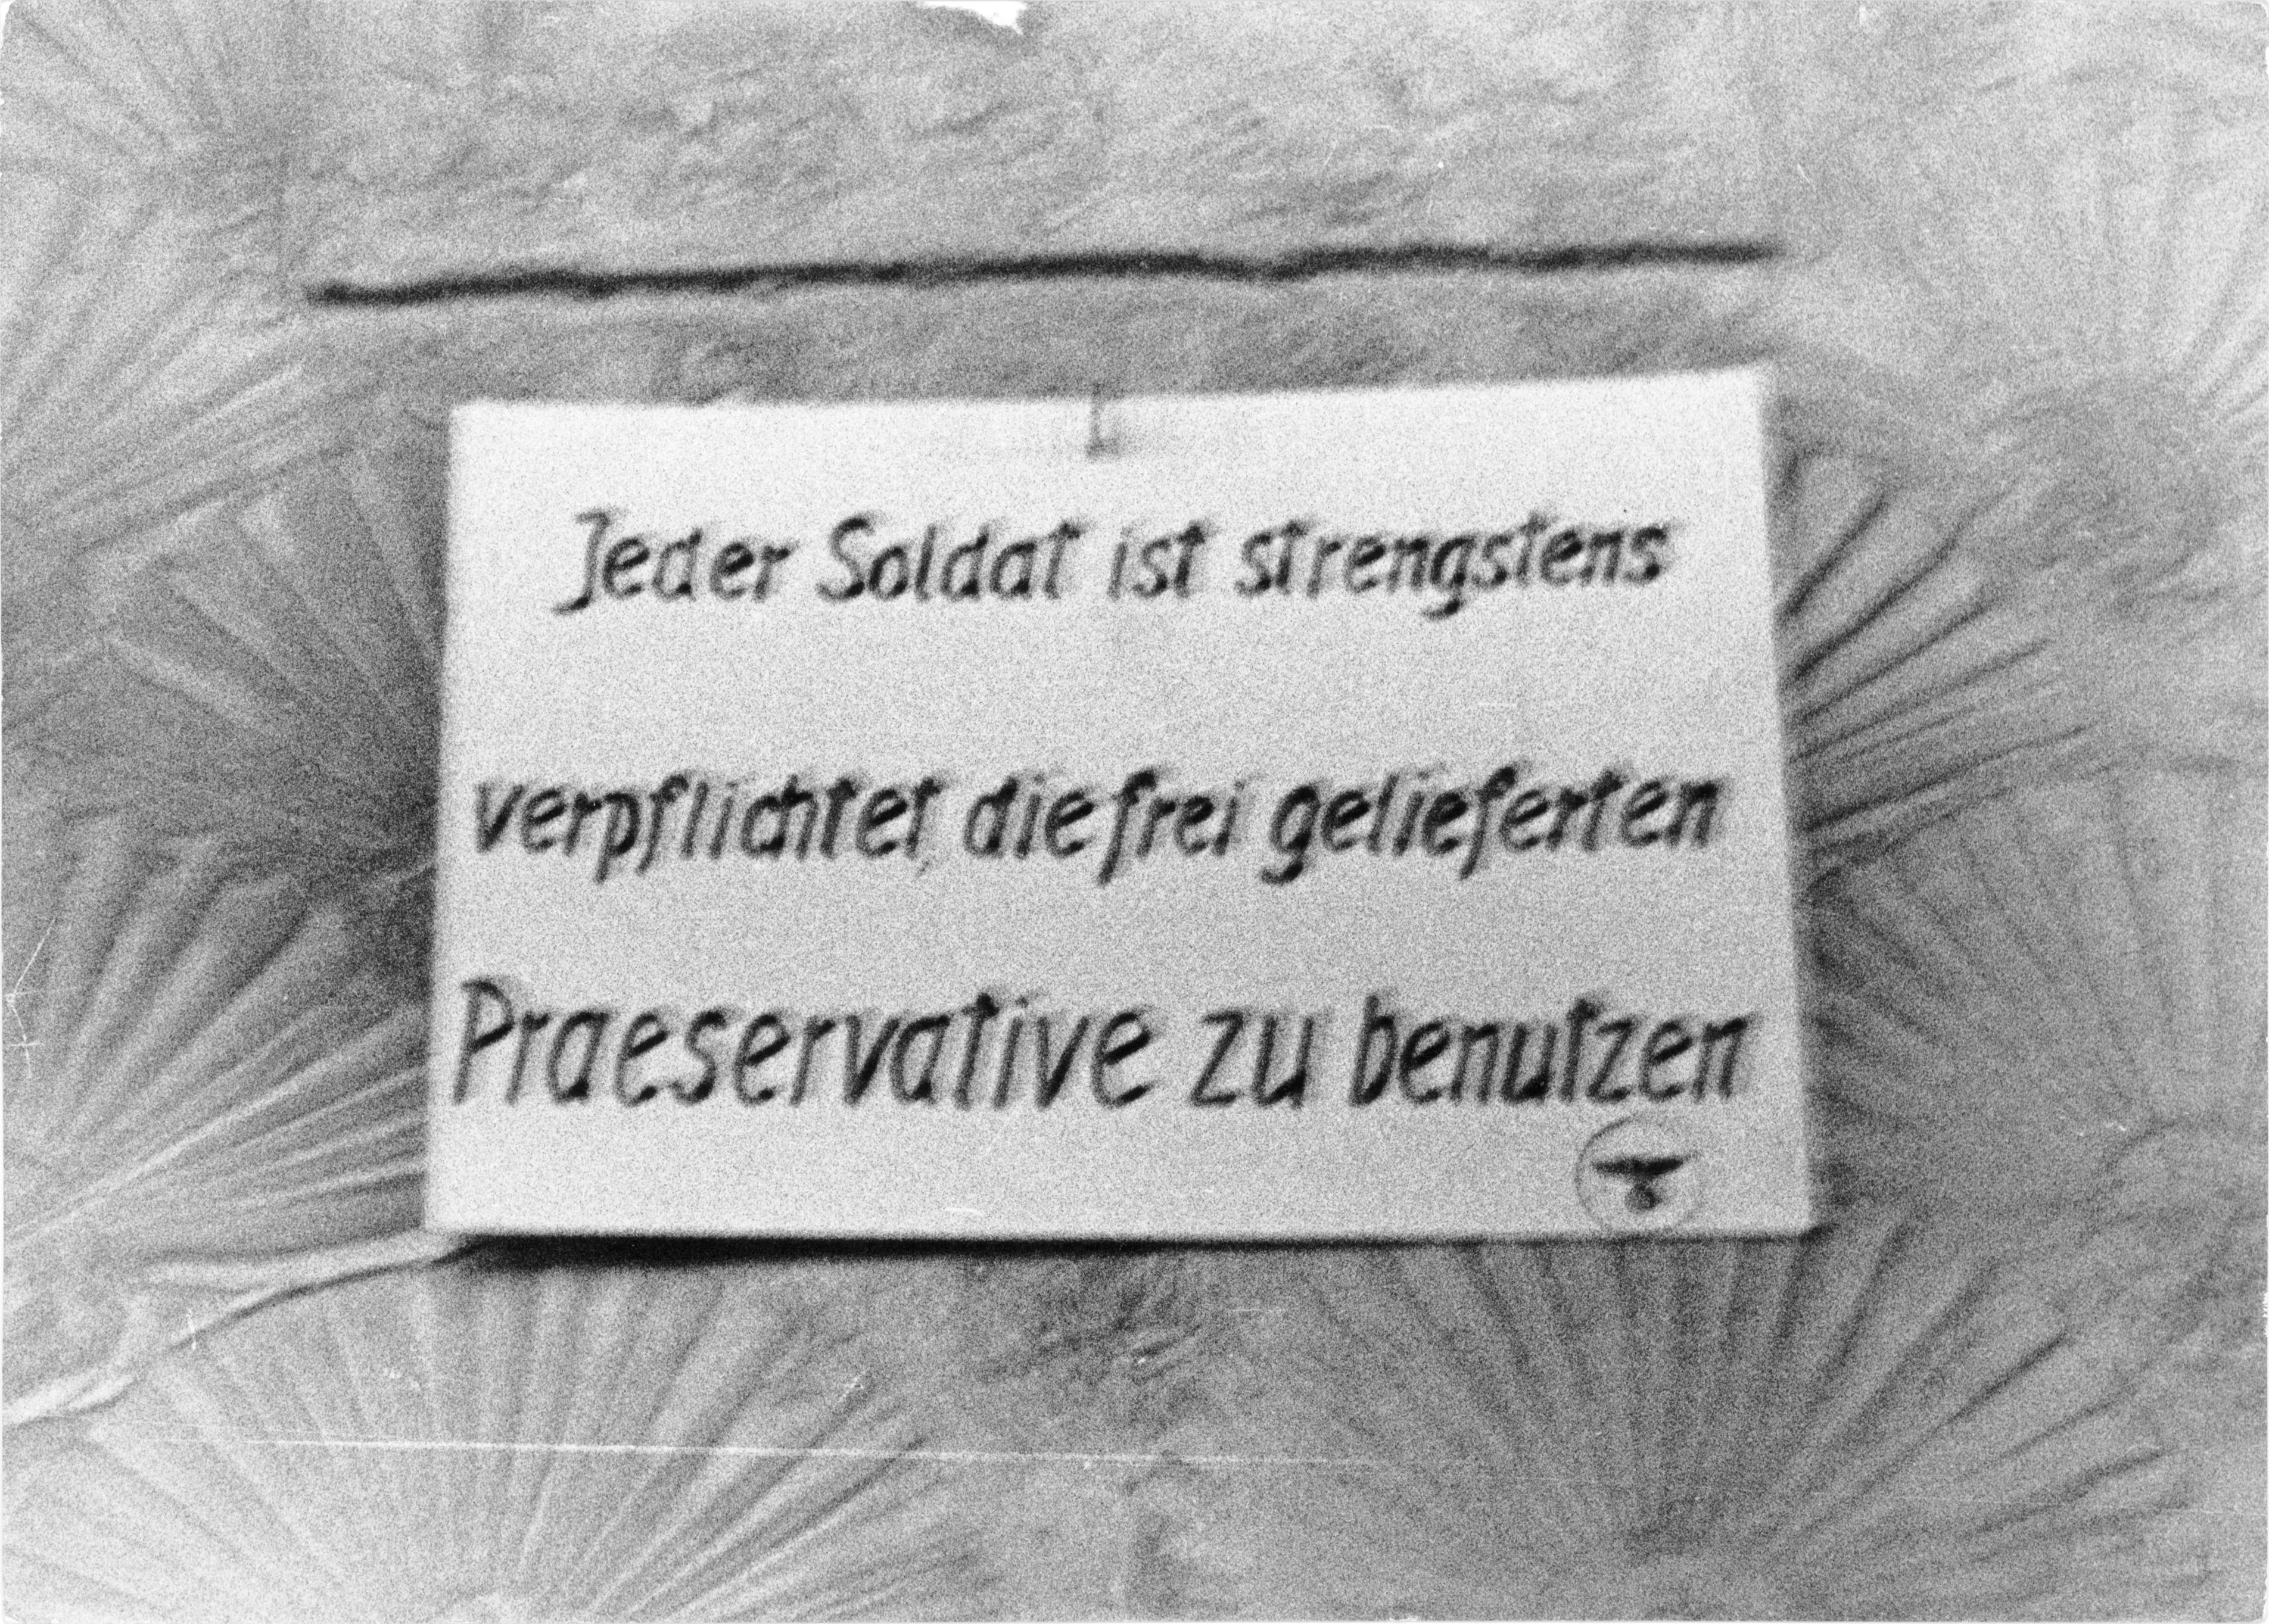 Bundesarchiv Bild 101II-MW-1019-10, Frankreich, Brest, Soldatenbordell